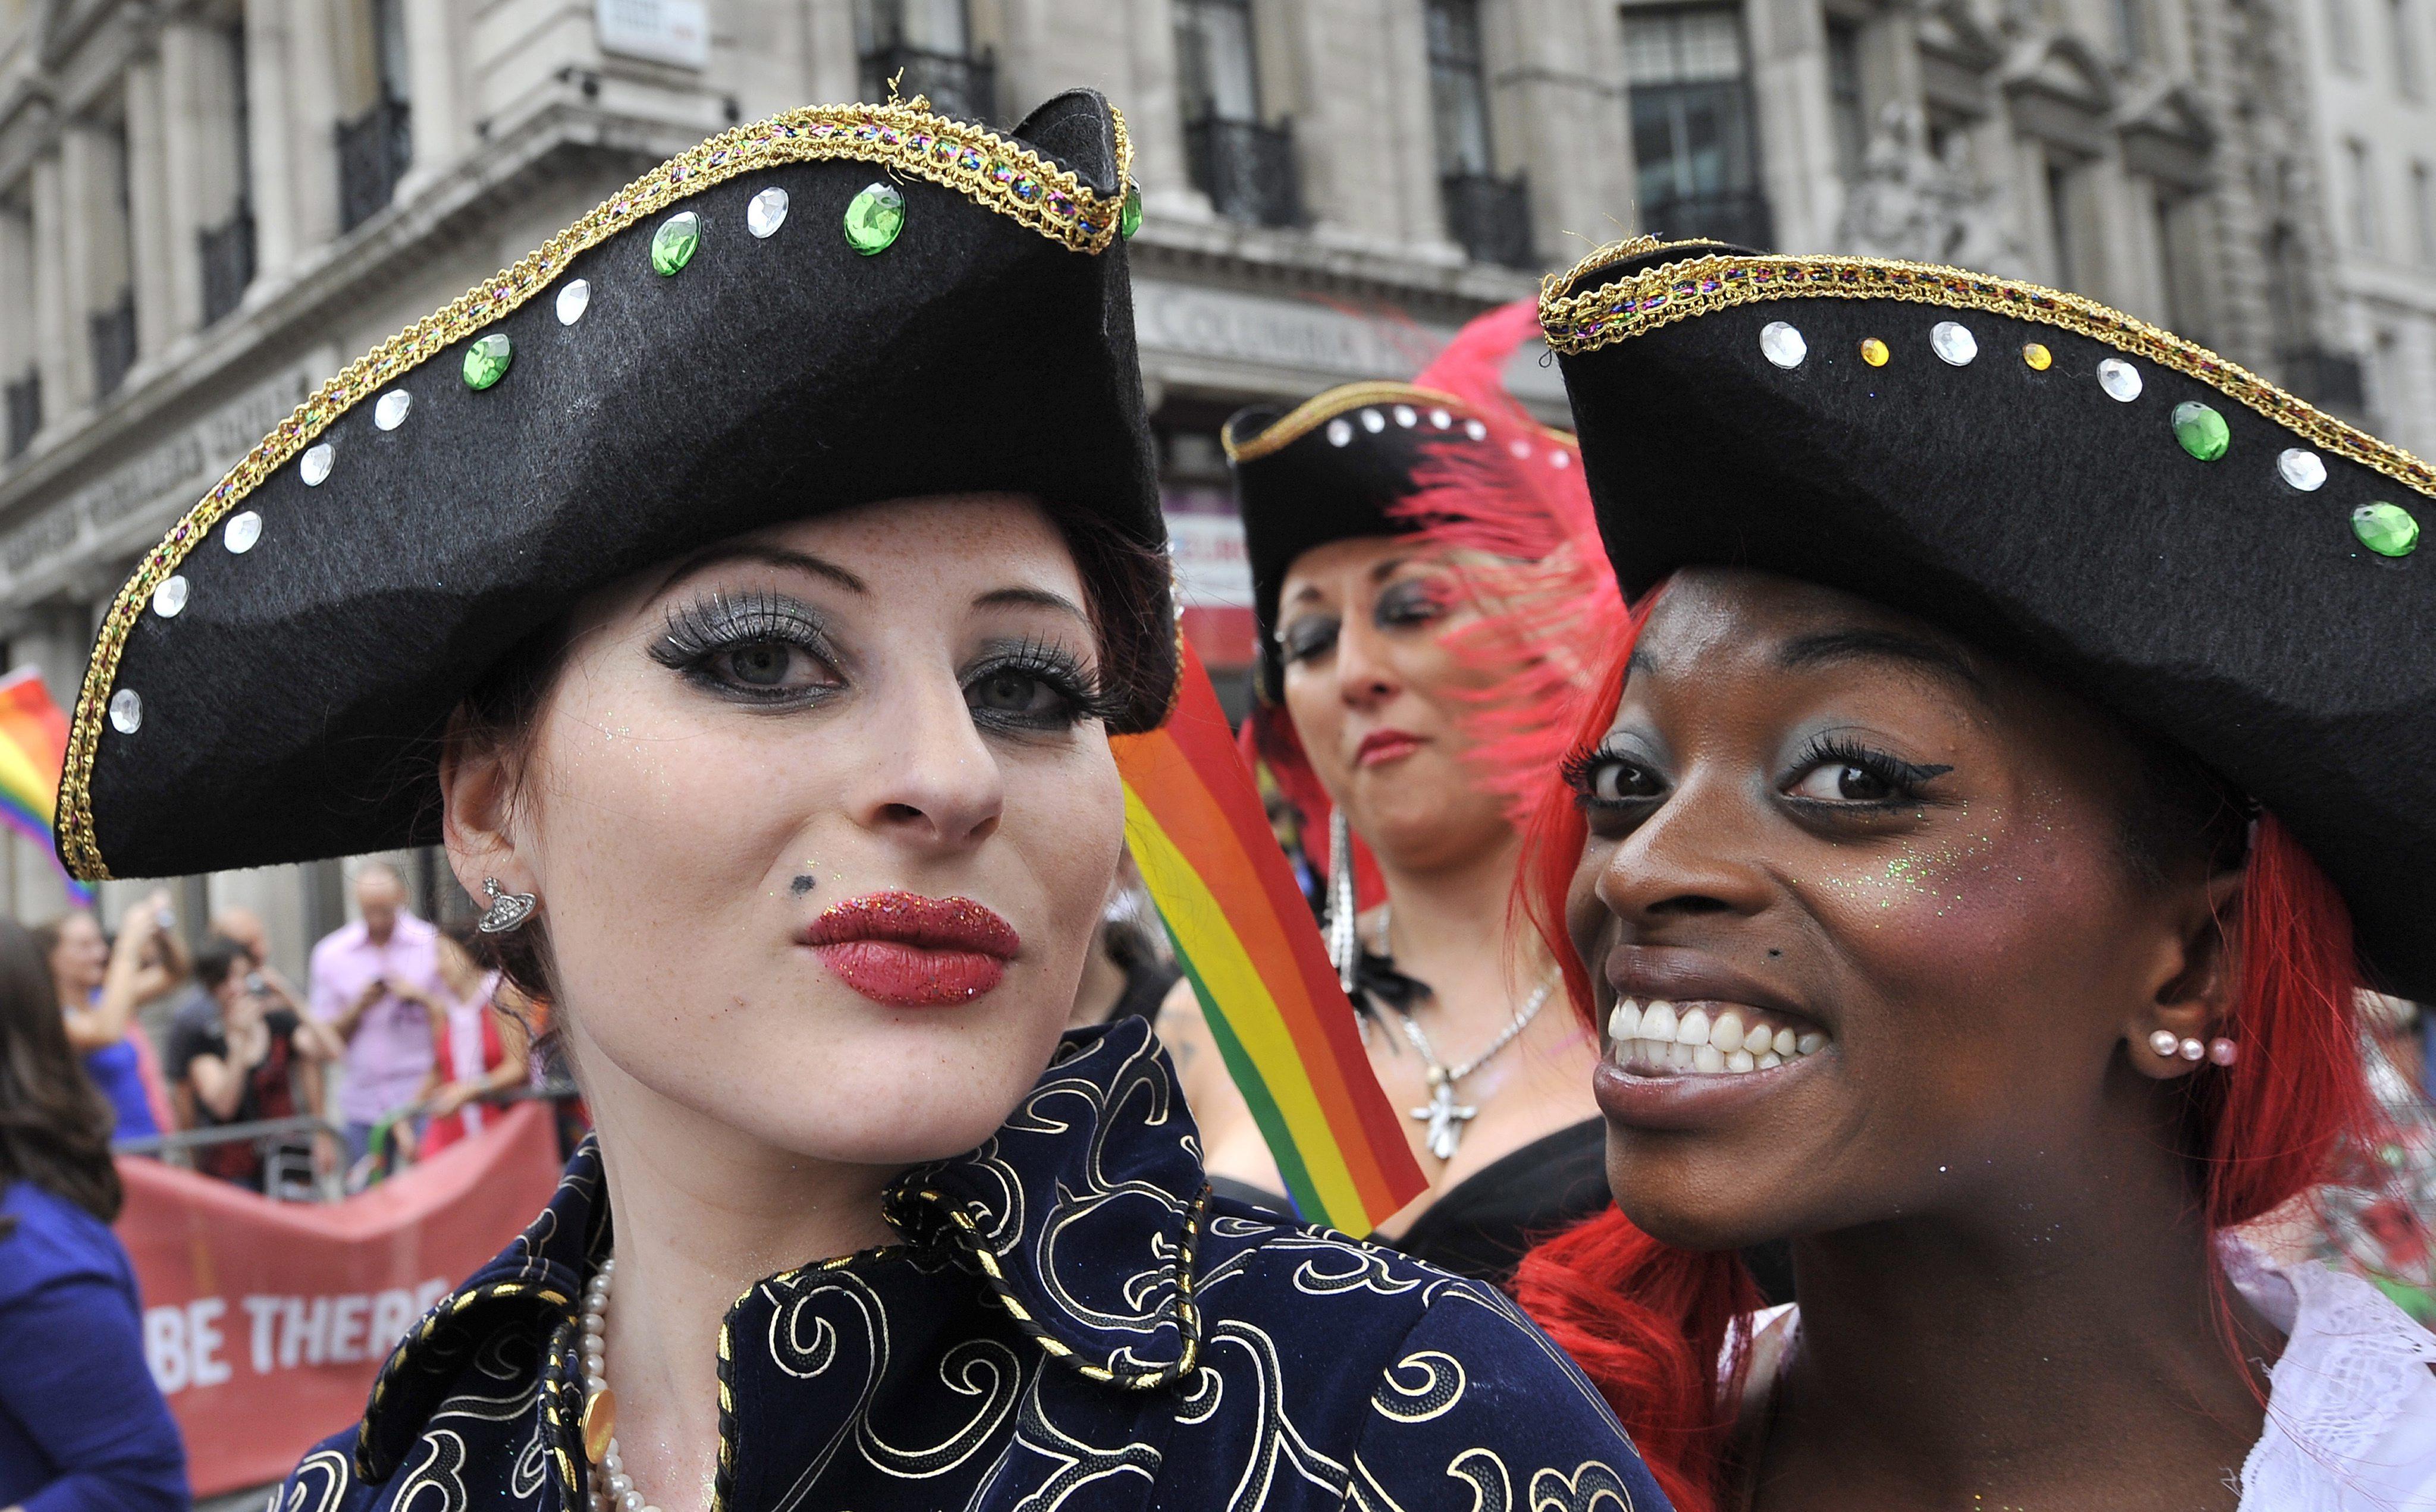 La Cámara de los Comunes debate el polémico proyecto de ley sobre el matrimonio gay